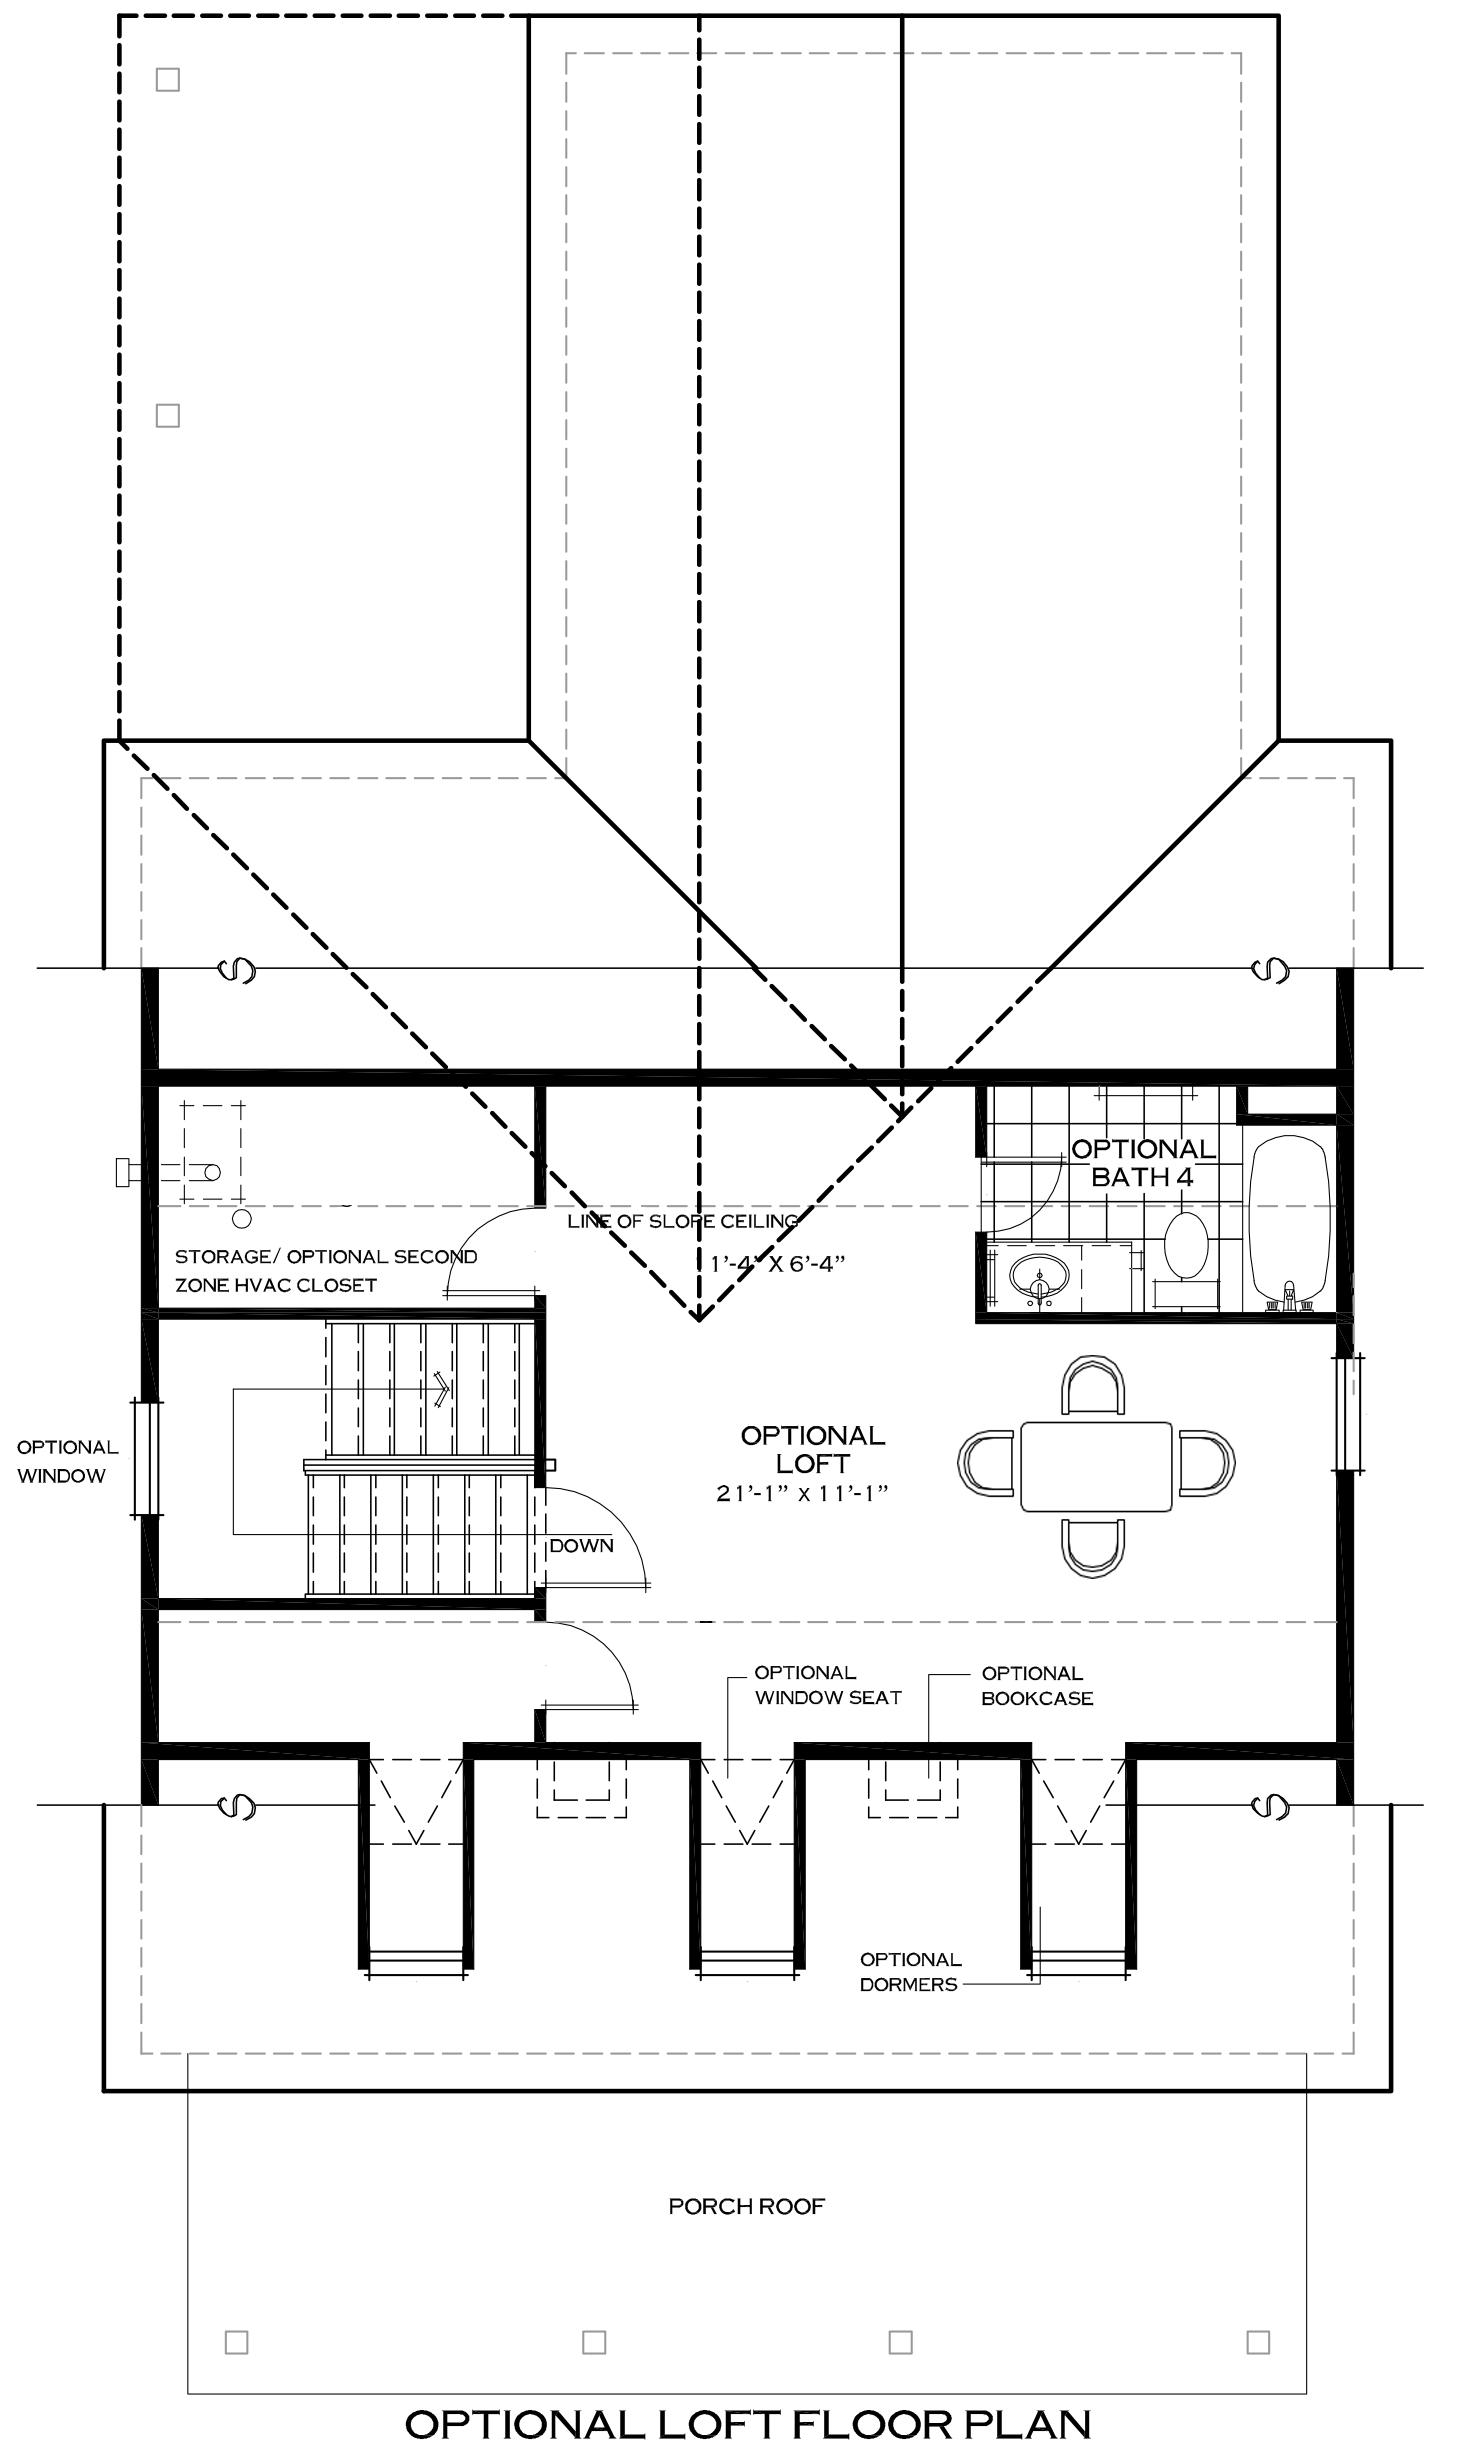 4-Chestertown S-D Attic-Option Loft Floor.png